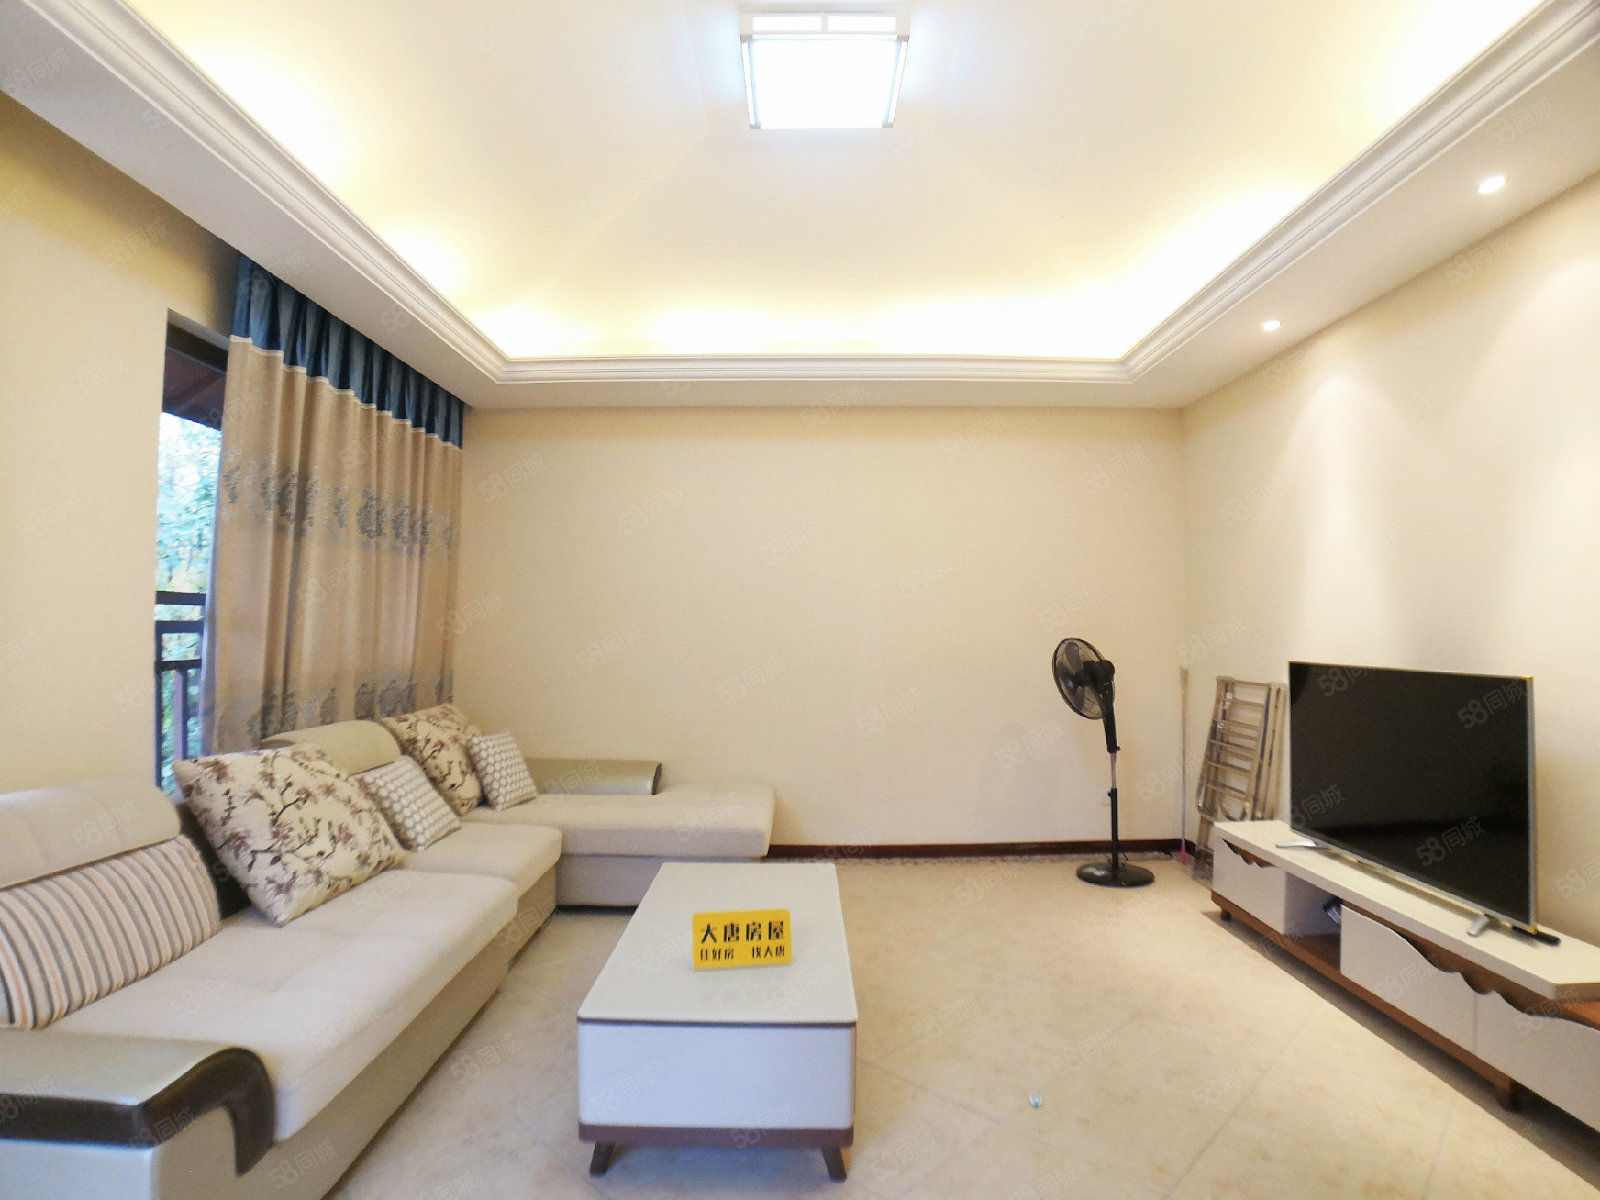 龙湖小院青城产权63平实得98平,精装家电家具全带,122W